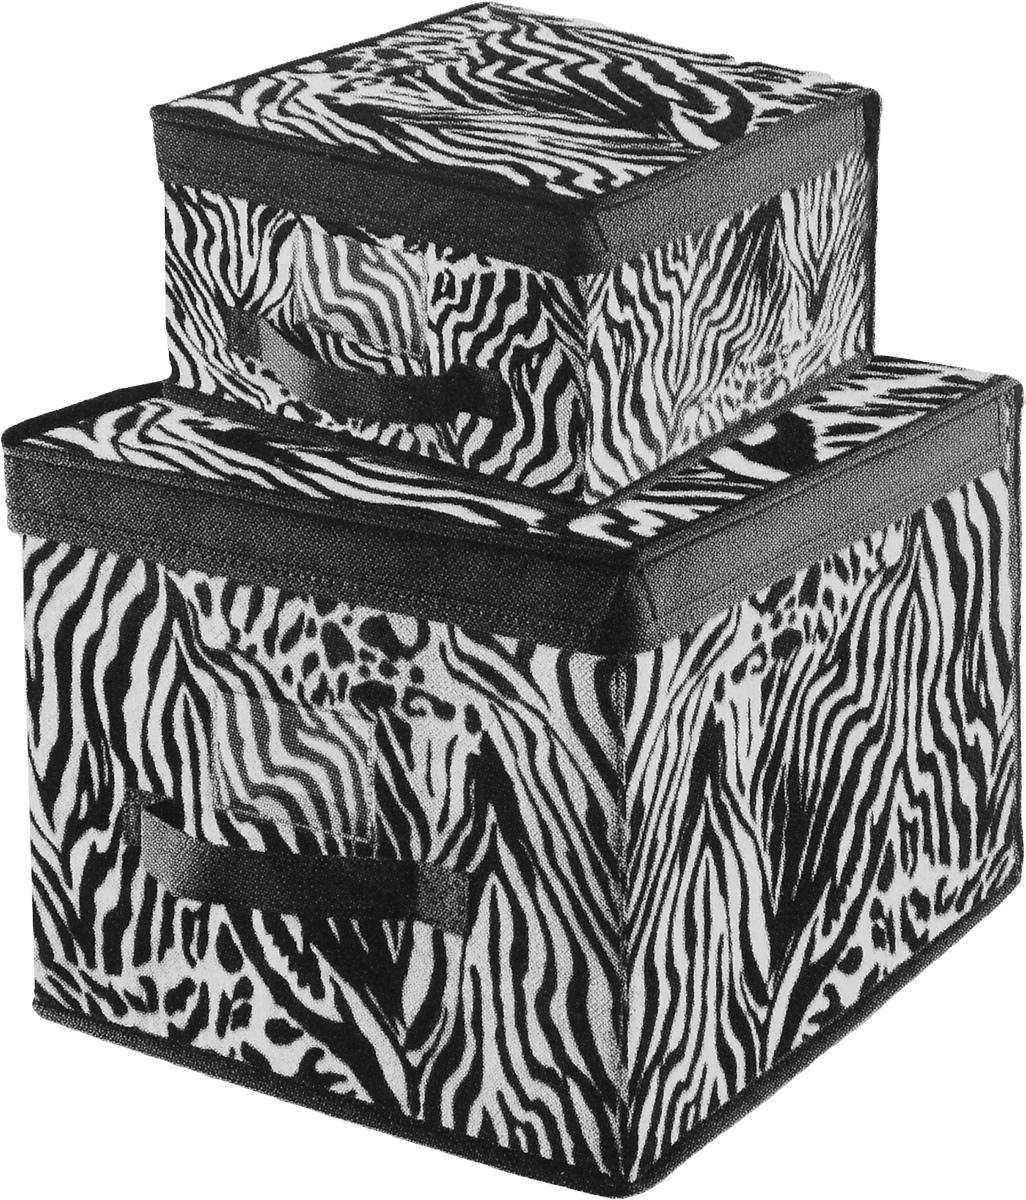 Набор кофров для хранения Valiant Зебра, 2 штZB301/ZB302Набор Valiant Зебра состоит из 2 кофров для хранения разного размера, изготовленных из высококачественного нетканого материала с модным анималистичным принтом. Материал изделий позволяет сохранять естественную вентиляцию, а воздуху свободно проникать внутрь, не пропуская пыль. Благодаря специальным картонным вставкам, кофры прекрасно держат форму. Мобильность конструкции обеспечивает складывание и раскладывание одним движением. Кофры идеально подходят для хранения одежды, белья и мелких вещей. Изделия имеют удобные ручки, прозрачные пластиковые кармашки для стикеров с пометками и закрываются крышкой. Комплектация: 2 шт. Размер кофров: 30 х 40 х 25 см; 28 х 30 х 16 см.